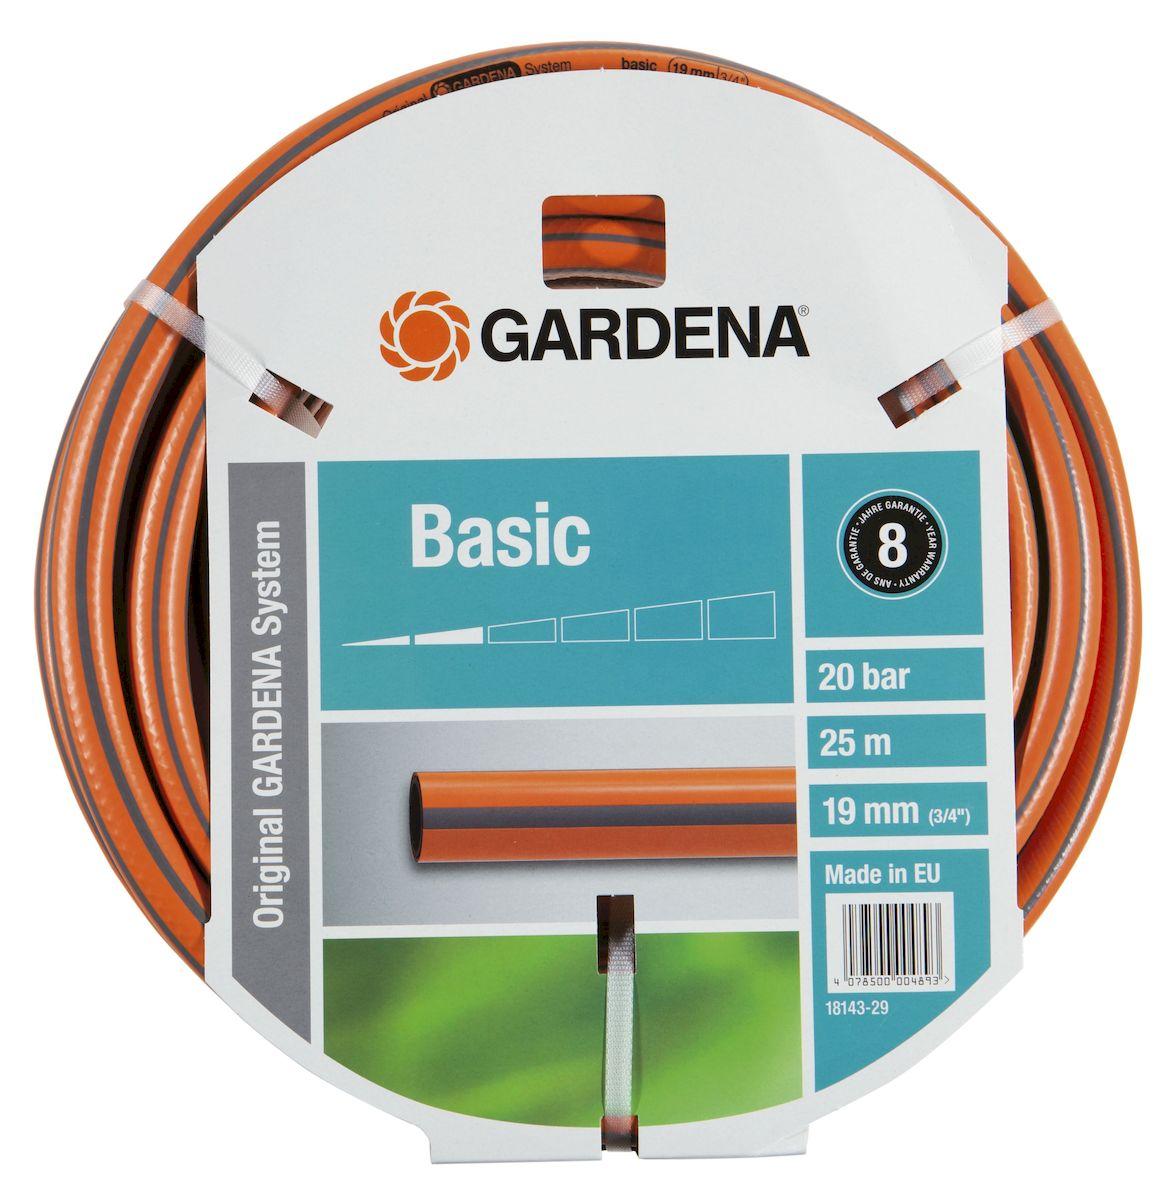 Шланг Gardena Basic, 19 мм (3/4) х 25 м98520745Шланг Gardena Basic, прекрасно сохраняет свою форму благодаря высококачественному текстильному армированию, отсутствуют фталаты и тяжелые металлы, невосприимчив к УФ-излучению. Шланг не перегибается, не спутывается, не перекручивается, благодаря спиралевидному текстильному армированию, усиленному углеродными волокнами. Шланг Gardena Basic оптимально сочетается с компонентами базовой системы полива. Идеально подходит для умеренной интенсивности использования. Шланг Gardena Classic выполнен из высококачественного ПВХ и выдерживает давление до 22 бар. Толстые стенки шланга и высококачественные материалы обеспечивают длительный срок службы.